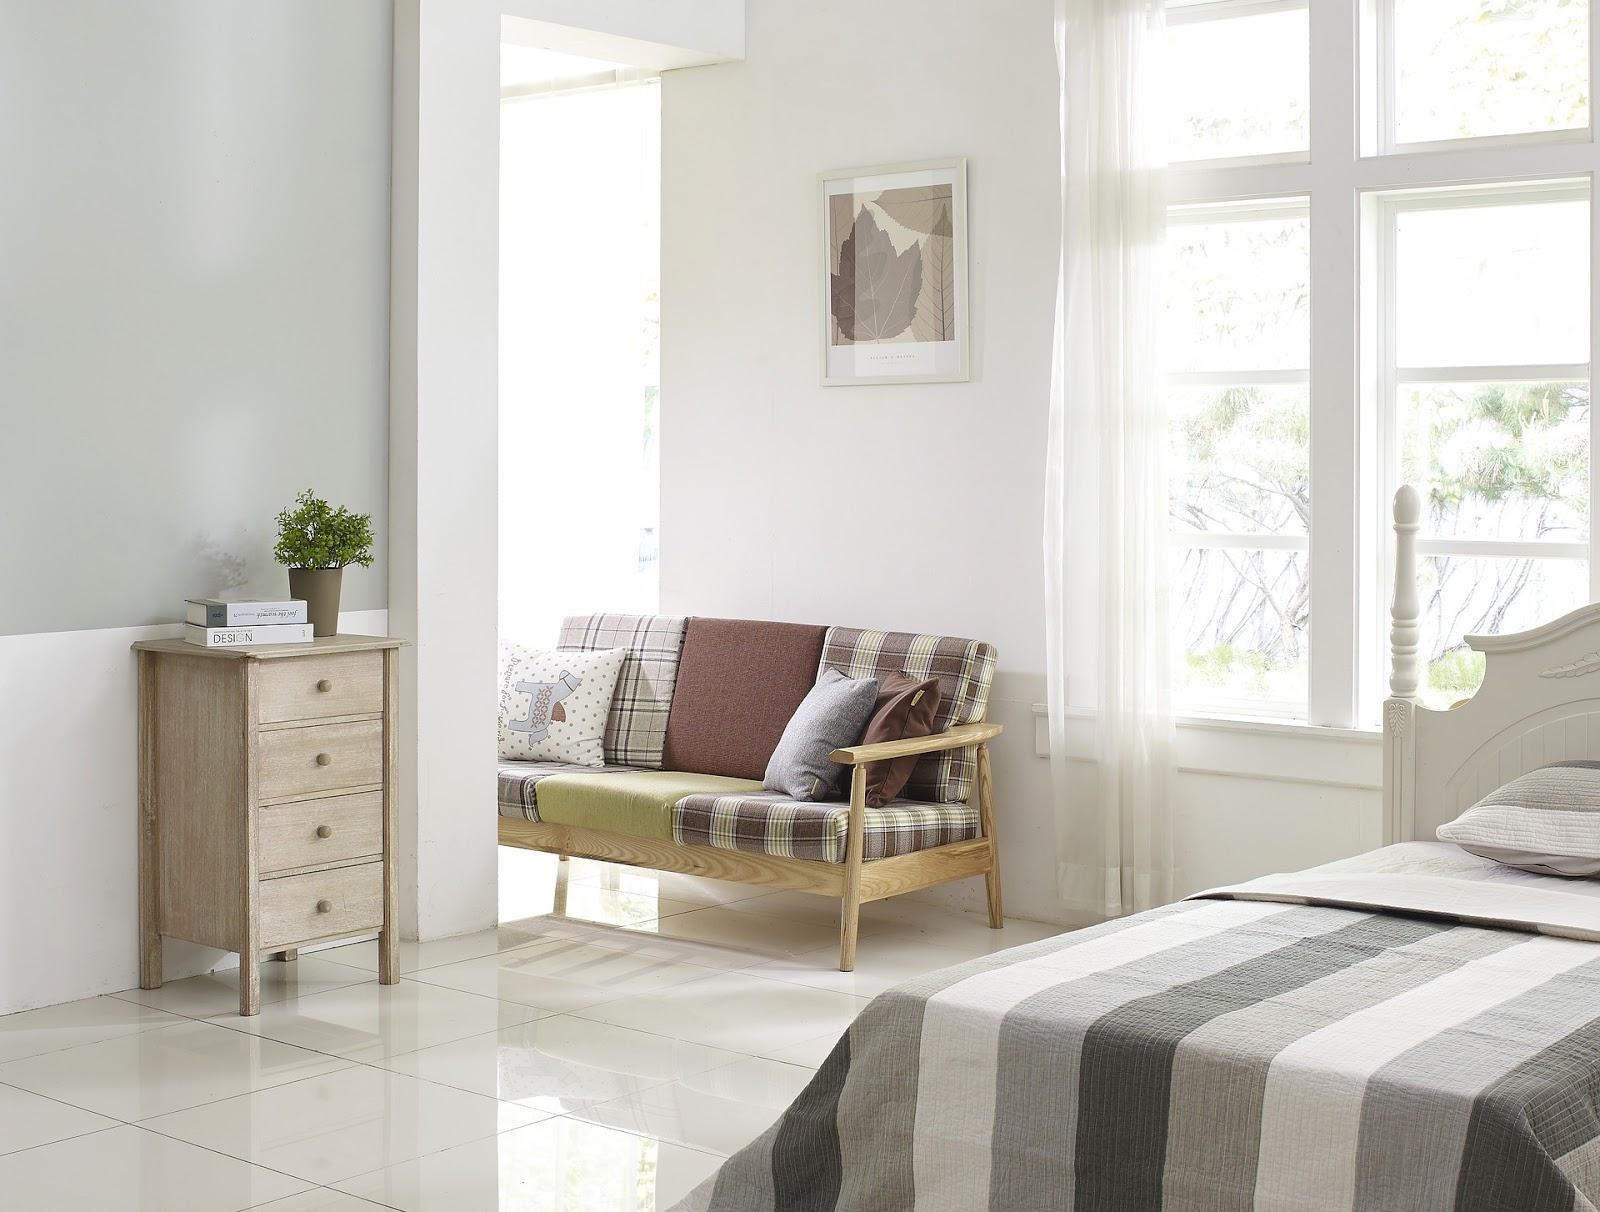 landhaus%2Bschlafzimmer Luxus Pendelleuchte Für Hohe Decken Dekorationen